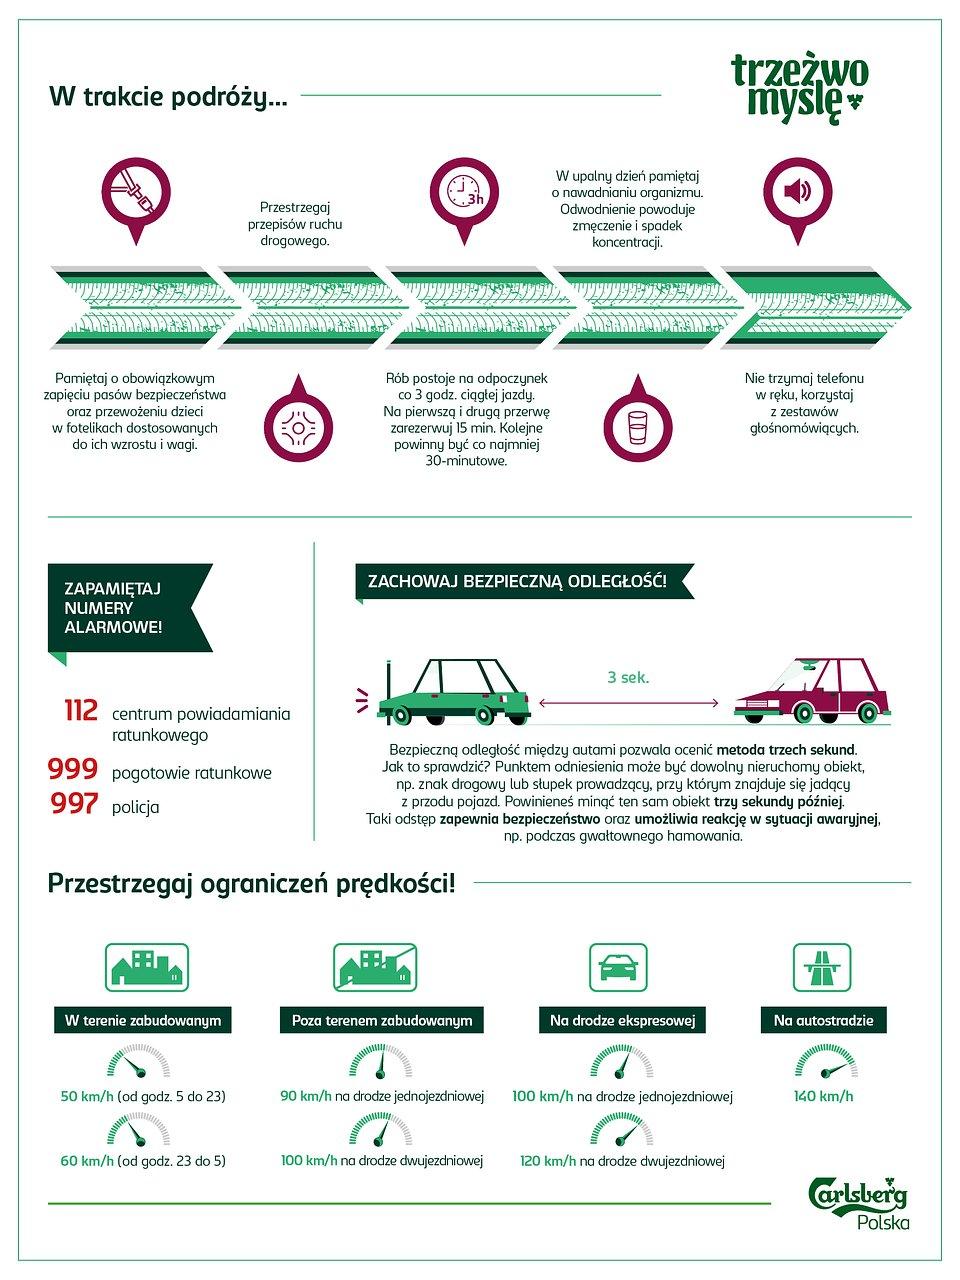 3 Infografika W trakcie podróży.jpg